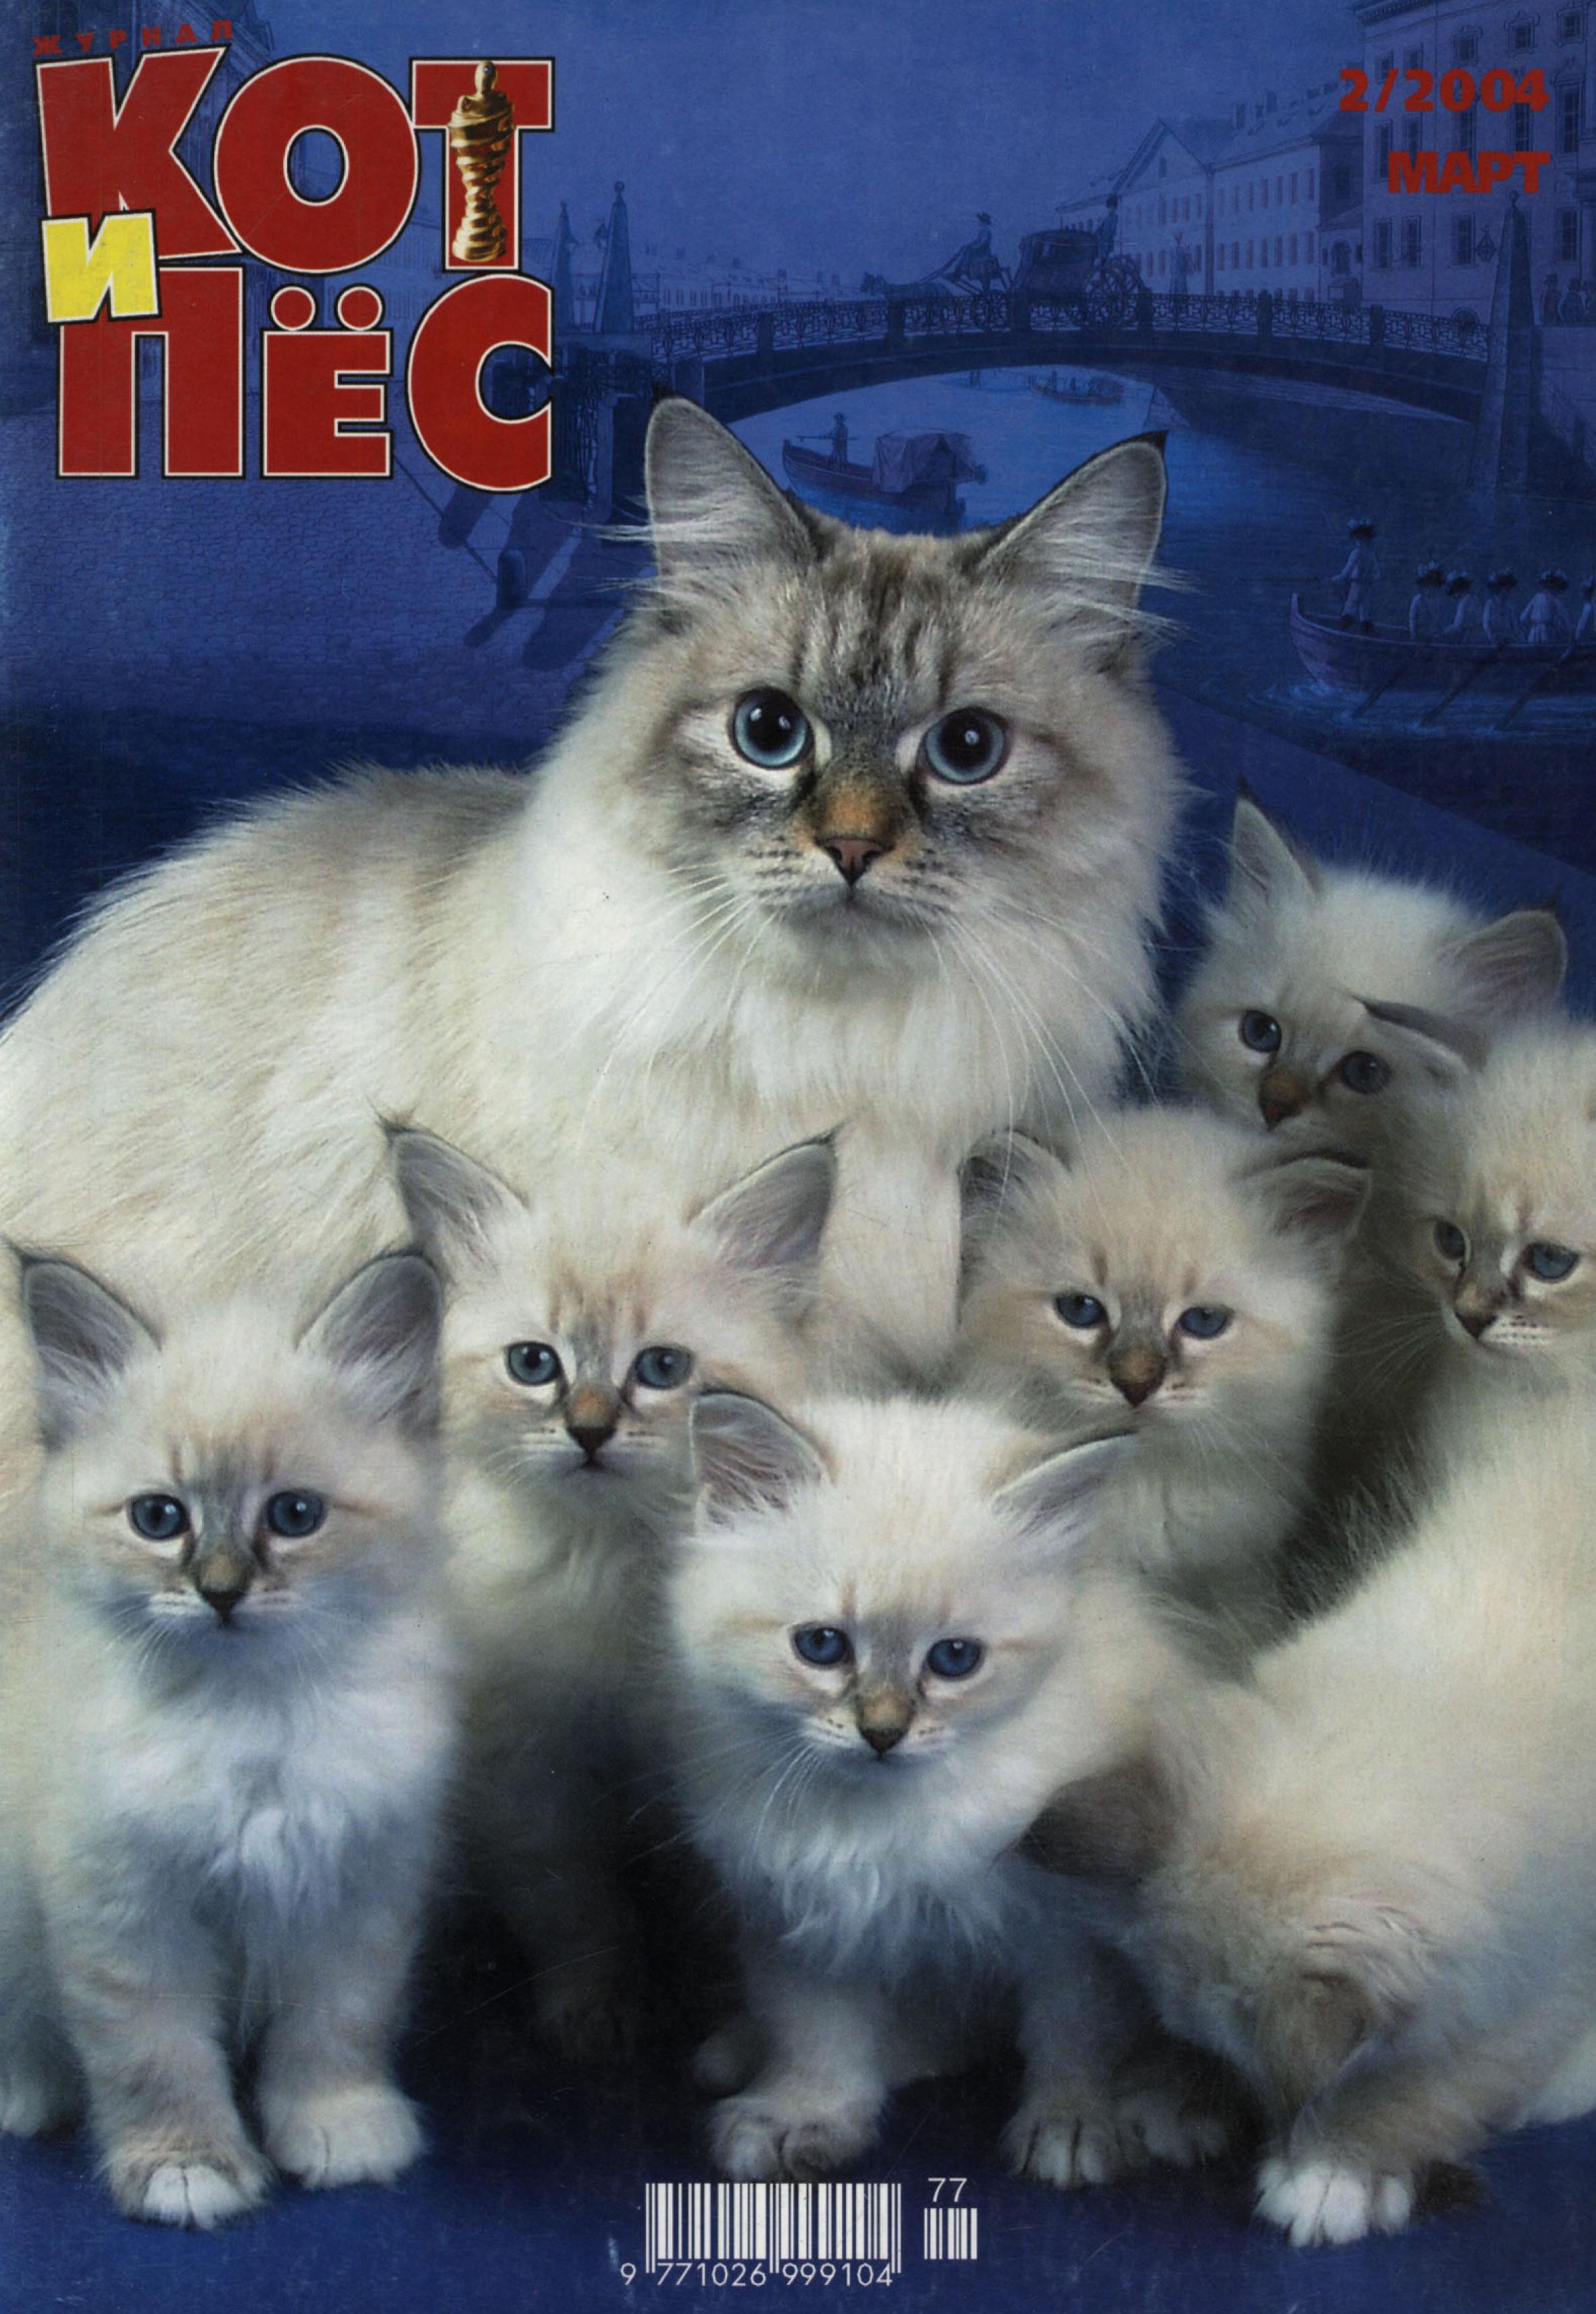 Отсутствует Кот и Пёс №02/2004